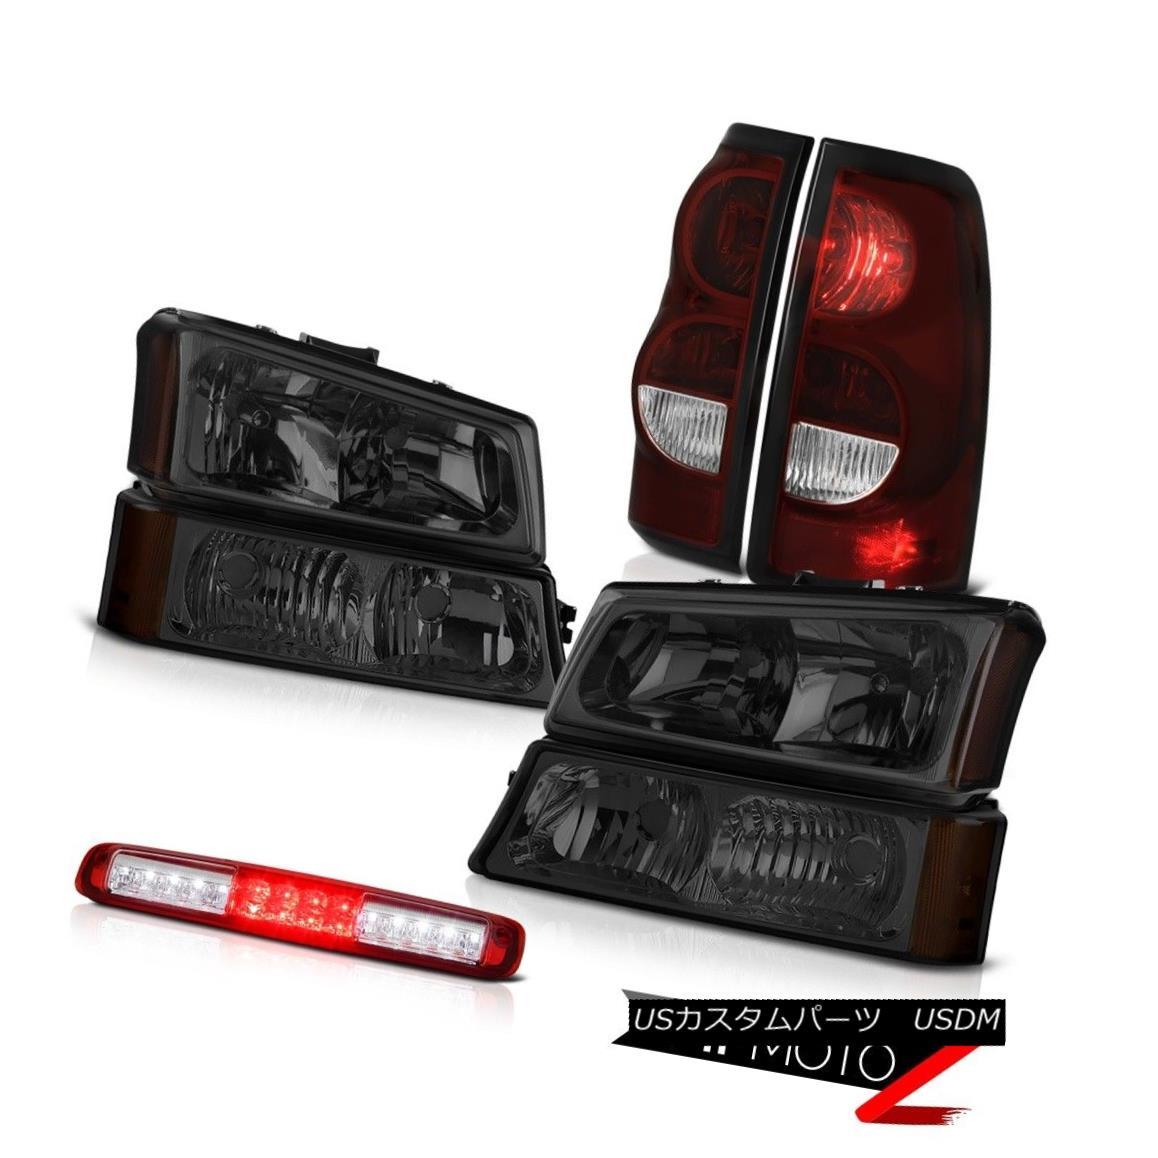 テールライト 03 04 05 06 Silverado Rosso Red 3RD Brake Lamp Rear Lights Parking Headlights 03 04 05 06シルバラードロッソレッド3RDブレーキランプリアライトパーキングヘッドライト